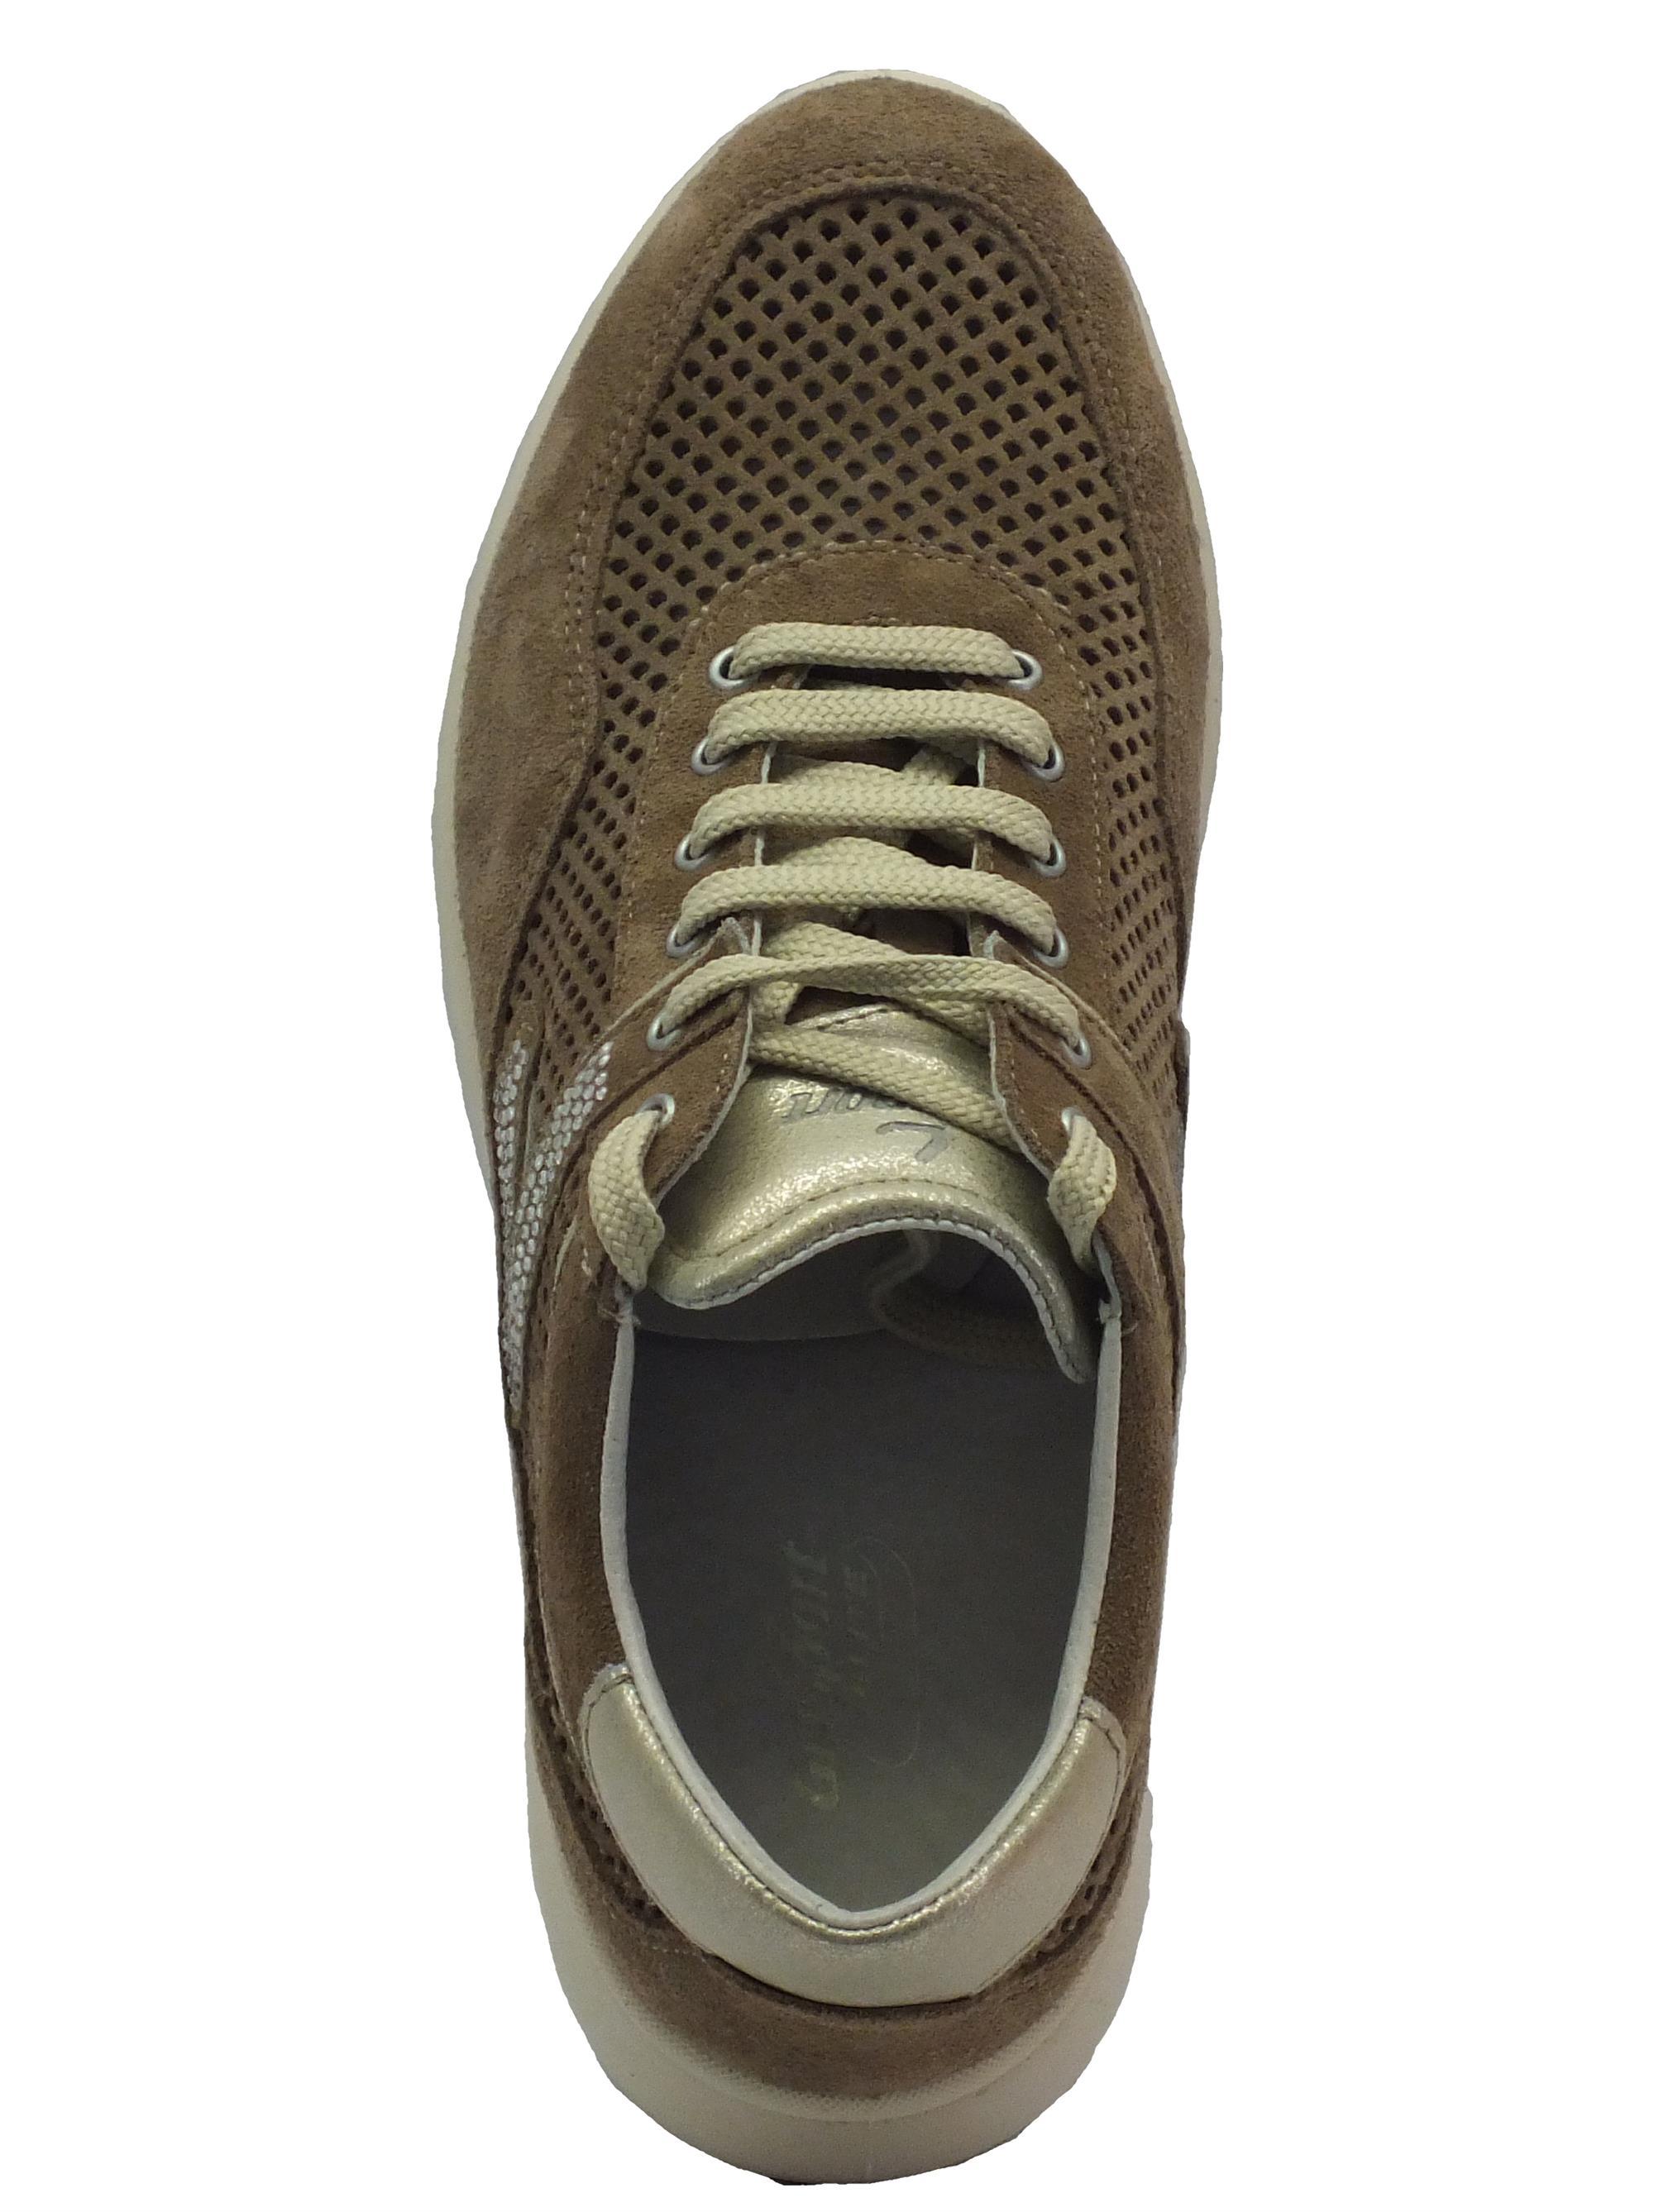 Sneakers Grisport Elite donna camoscio traforato tortora - Vitiello ... 3a90dc834bc